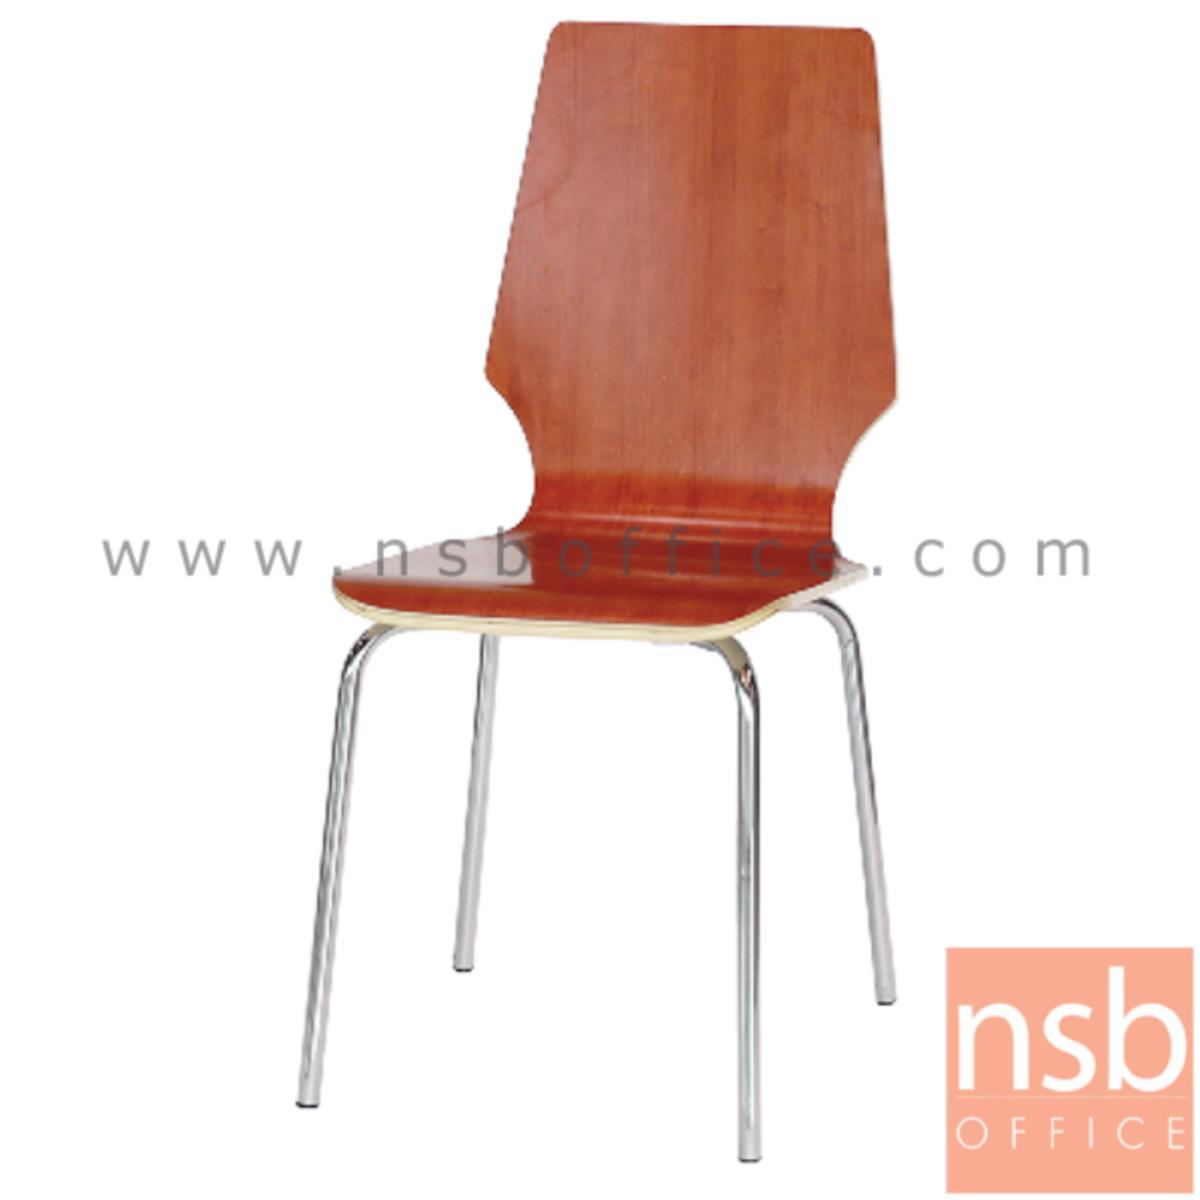 เก้าอี้อเนกประสงค์ไม้ดัด รุ่น FN-COM  ขาเหล็กชุบโครเมี่ยม